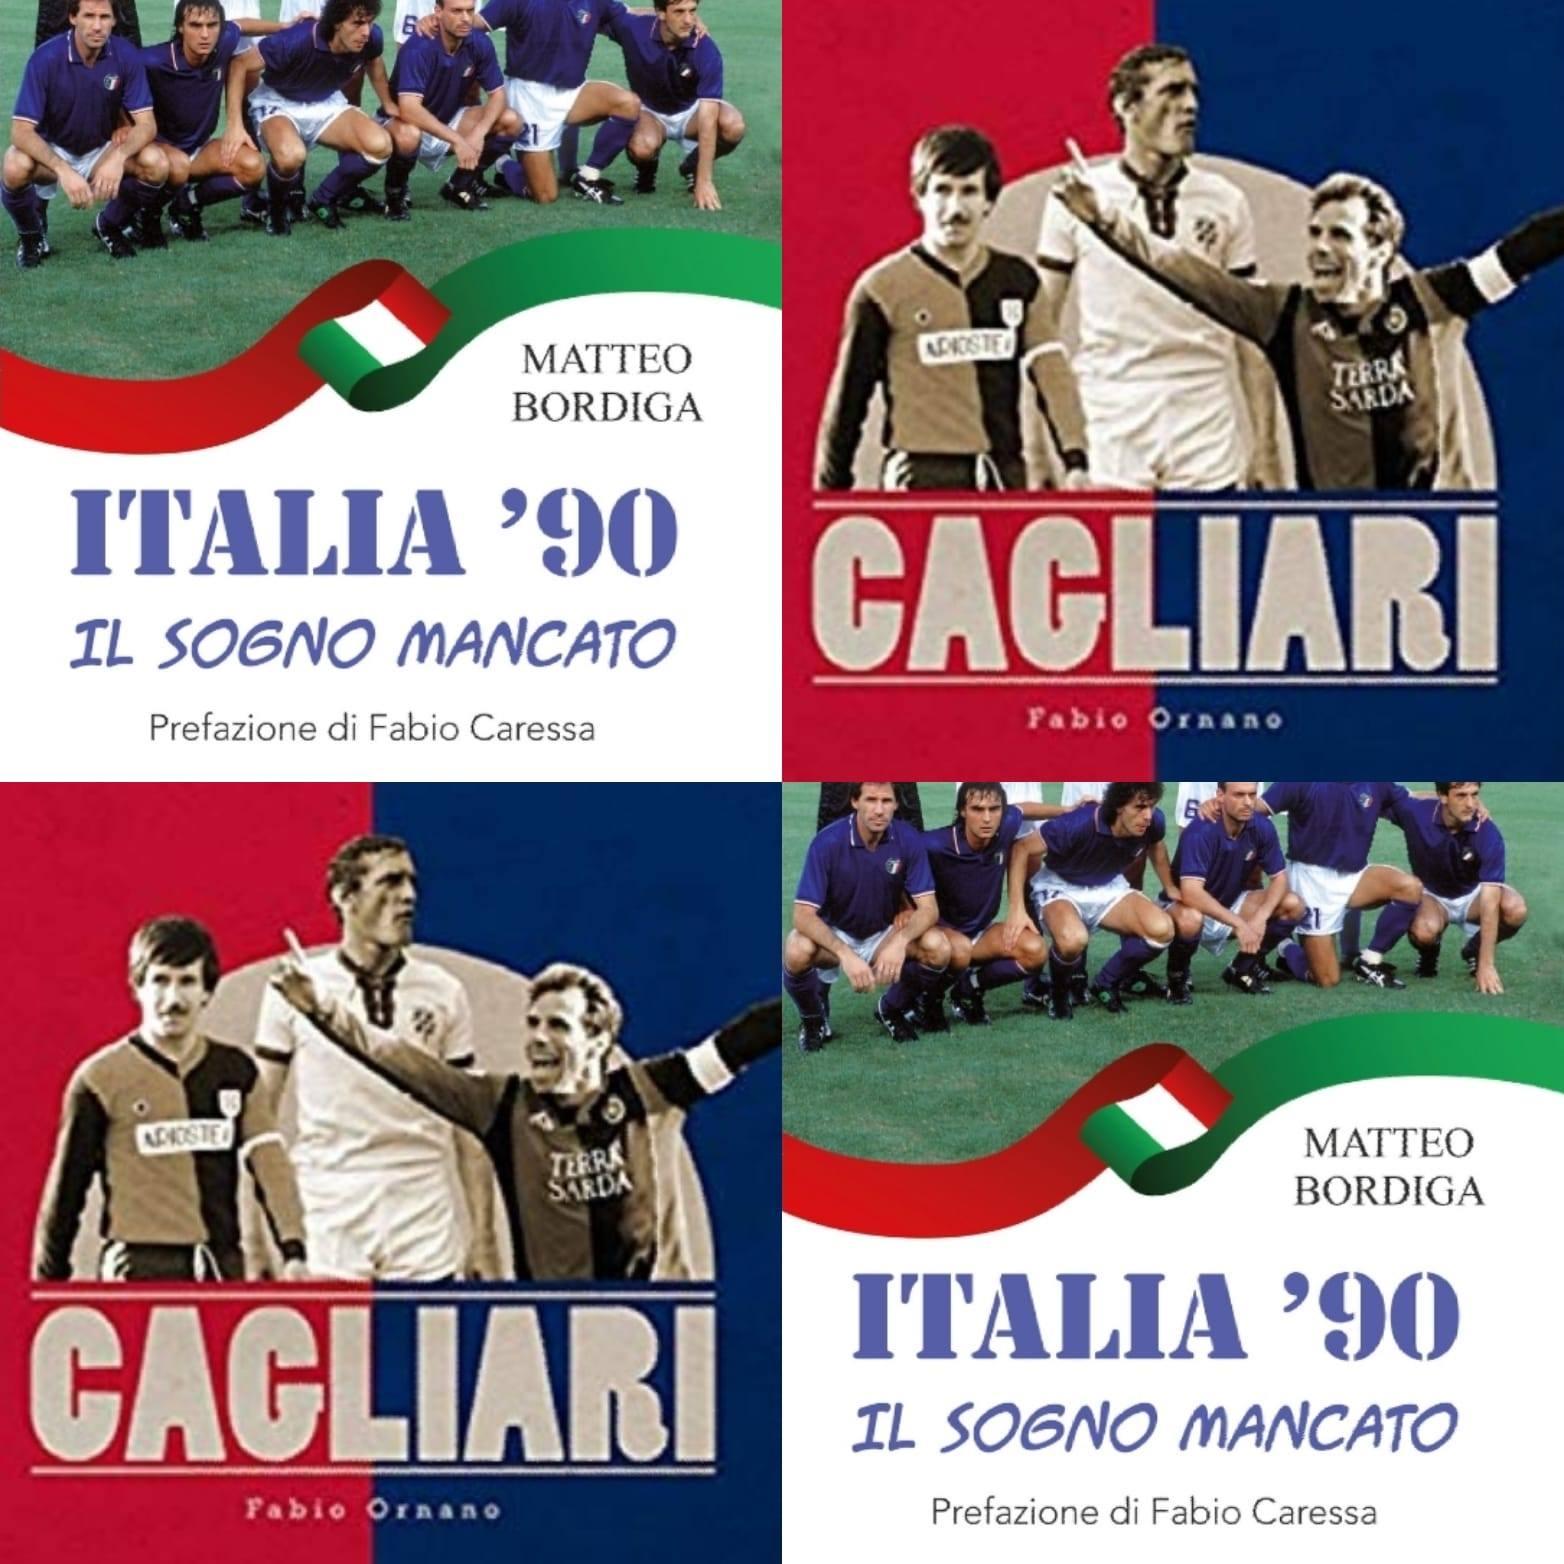 La Grande Festa del Calcio: Doppia Presentazione Bordiga-Ornano